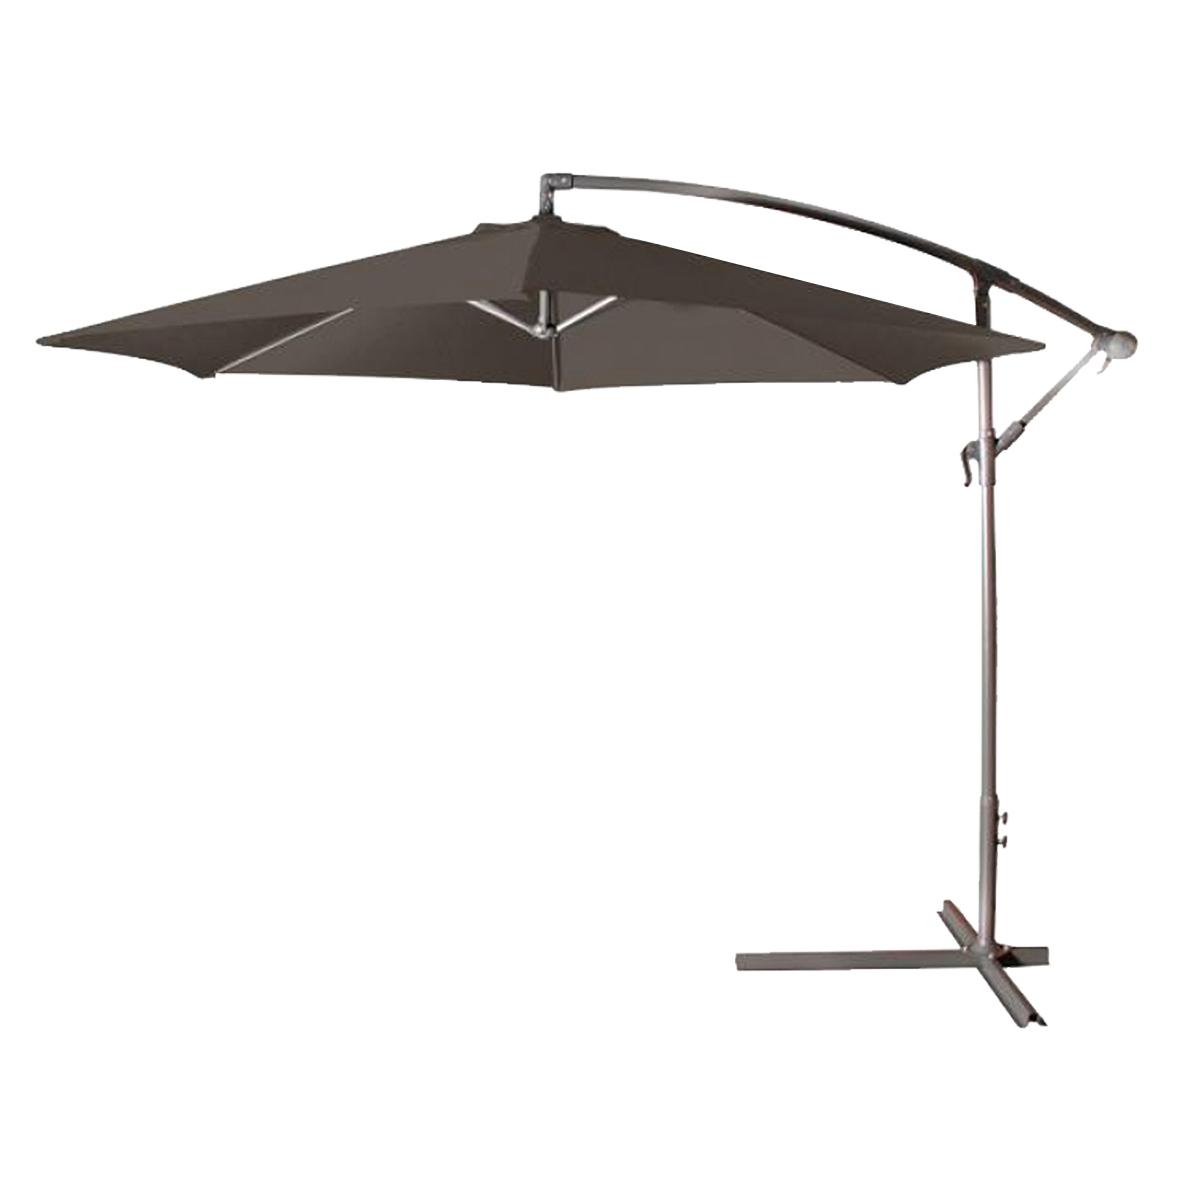 parasol d port achat vente de parasol pas cher. Black Bedroom Furniture Sets. Home Design Ideas